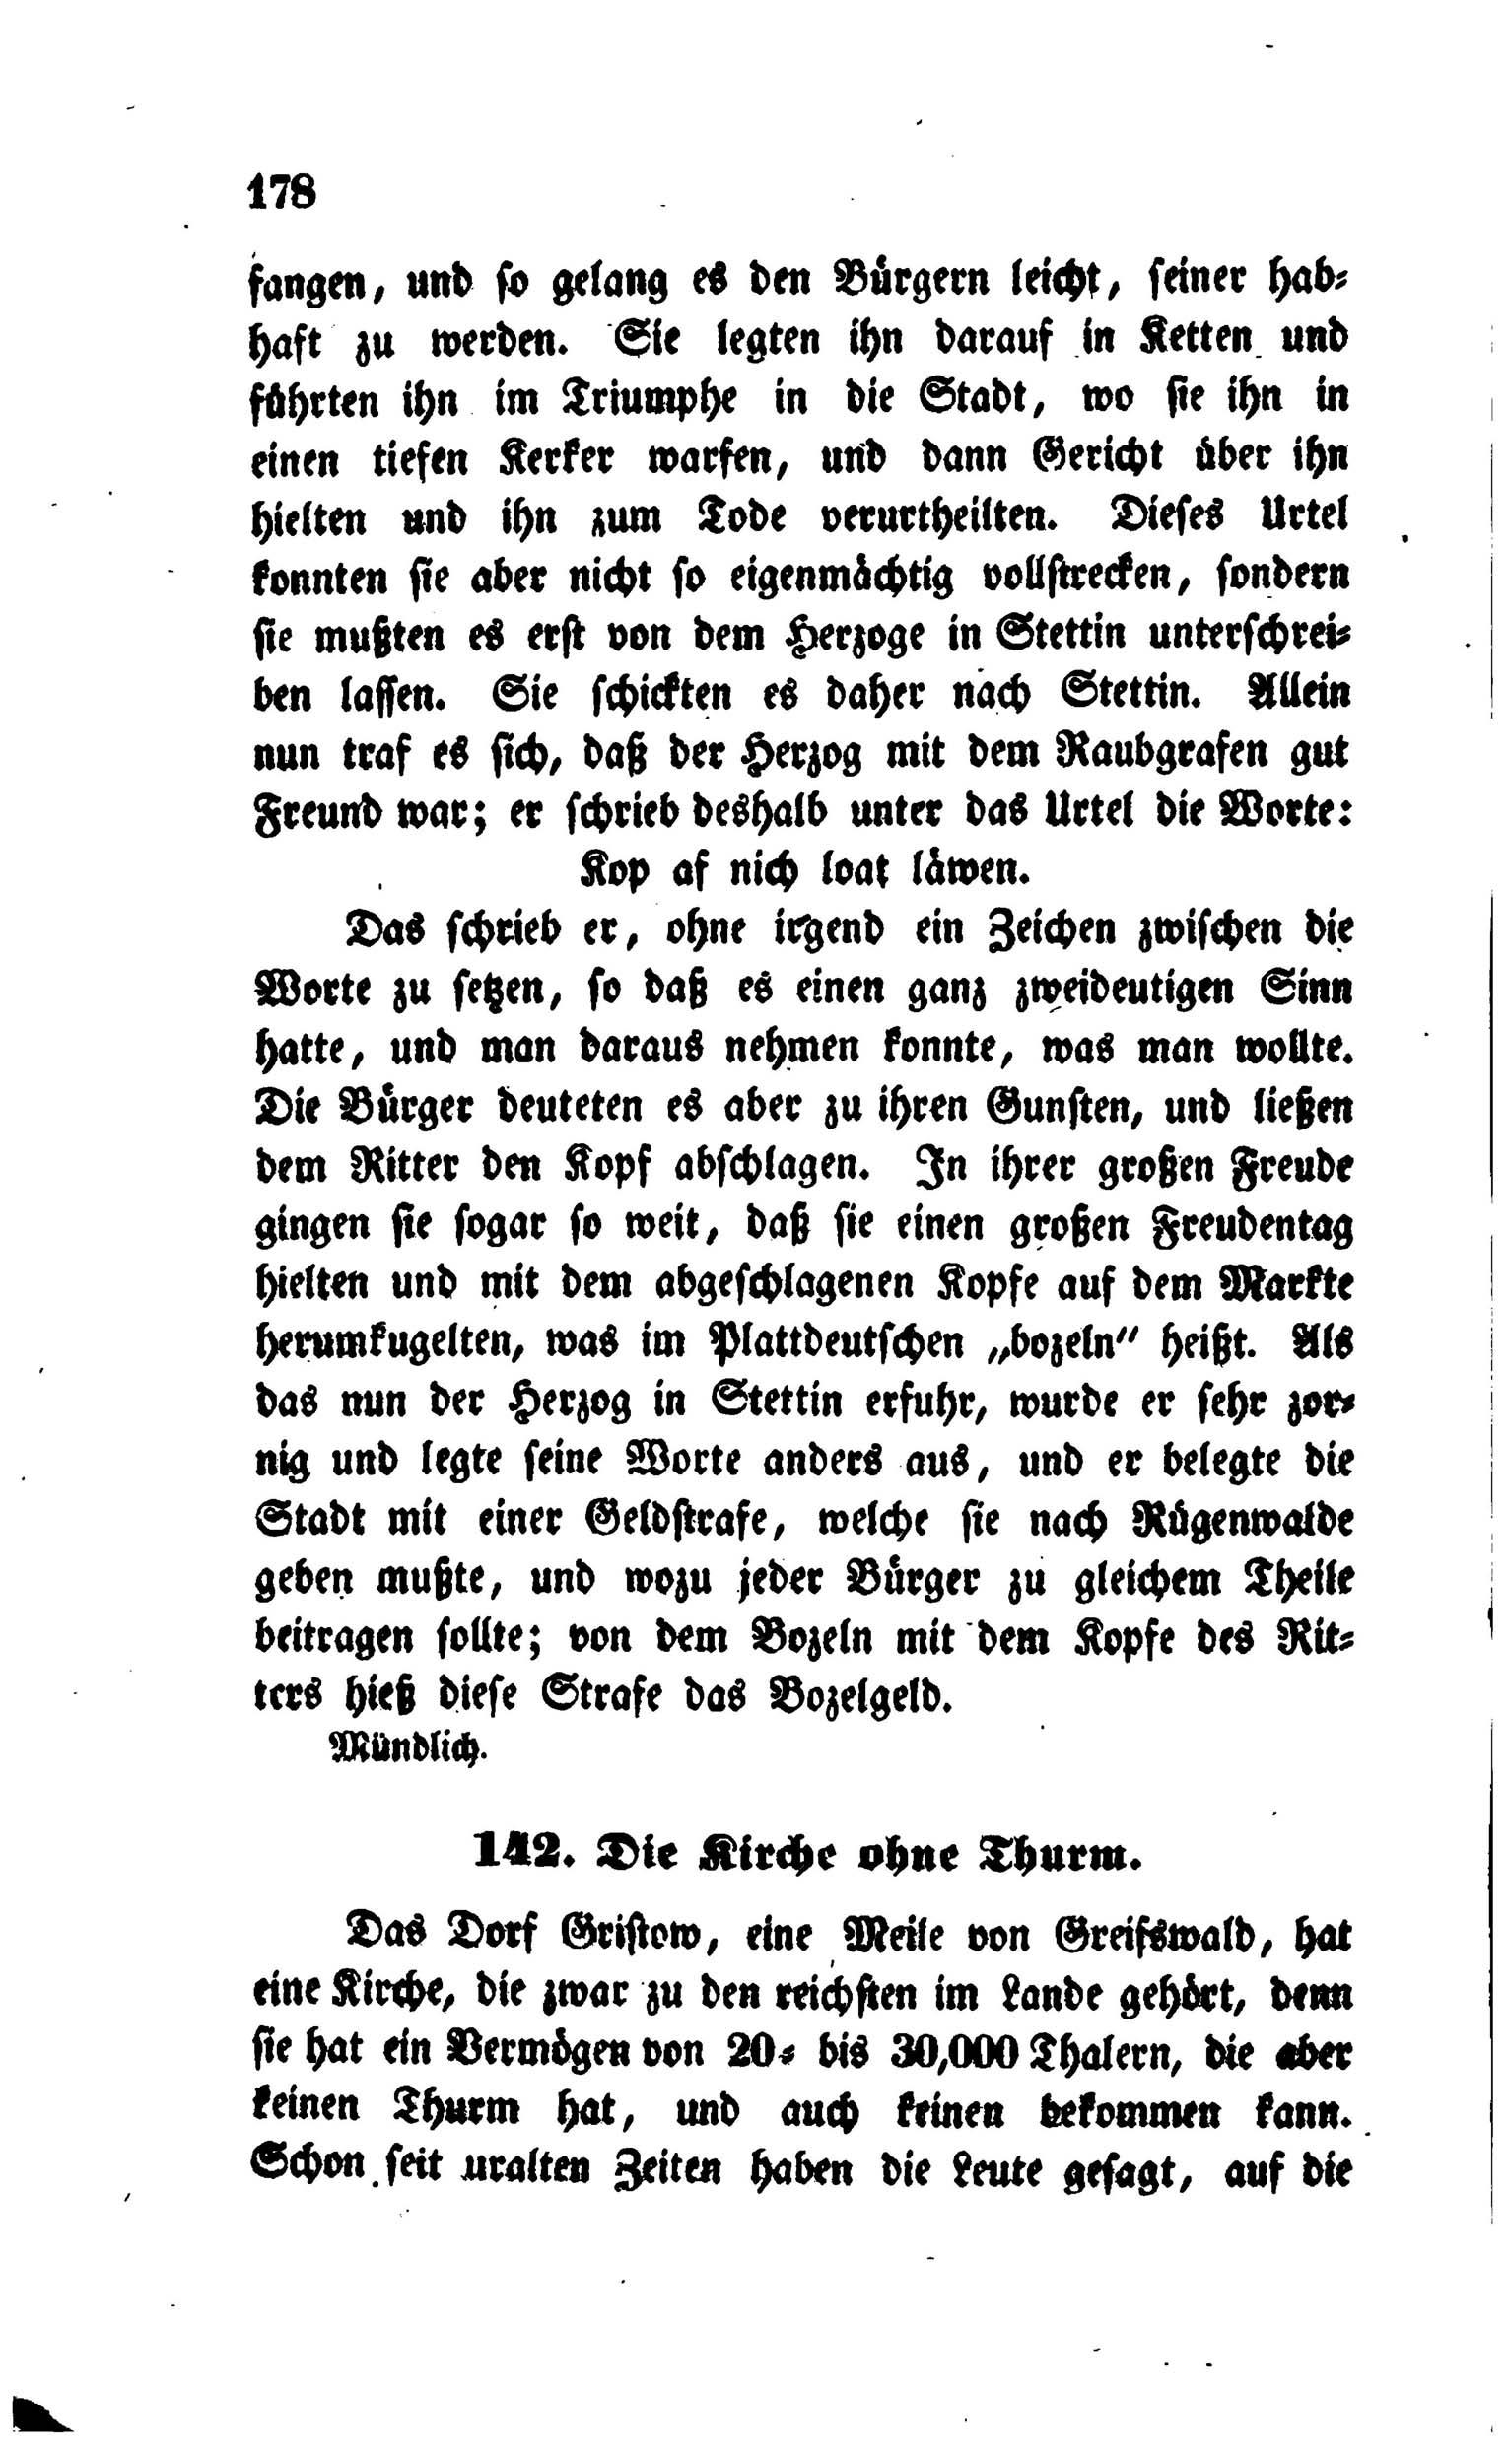 File:De Volkssagen Pommern 178.jpg - Wikimedia Commons